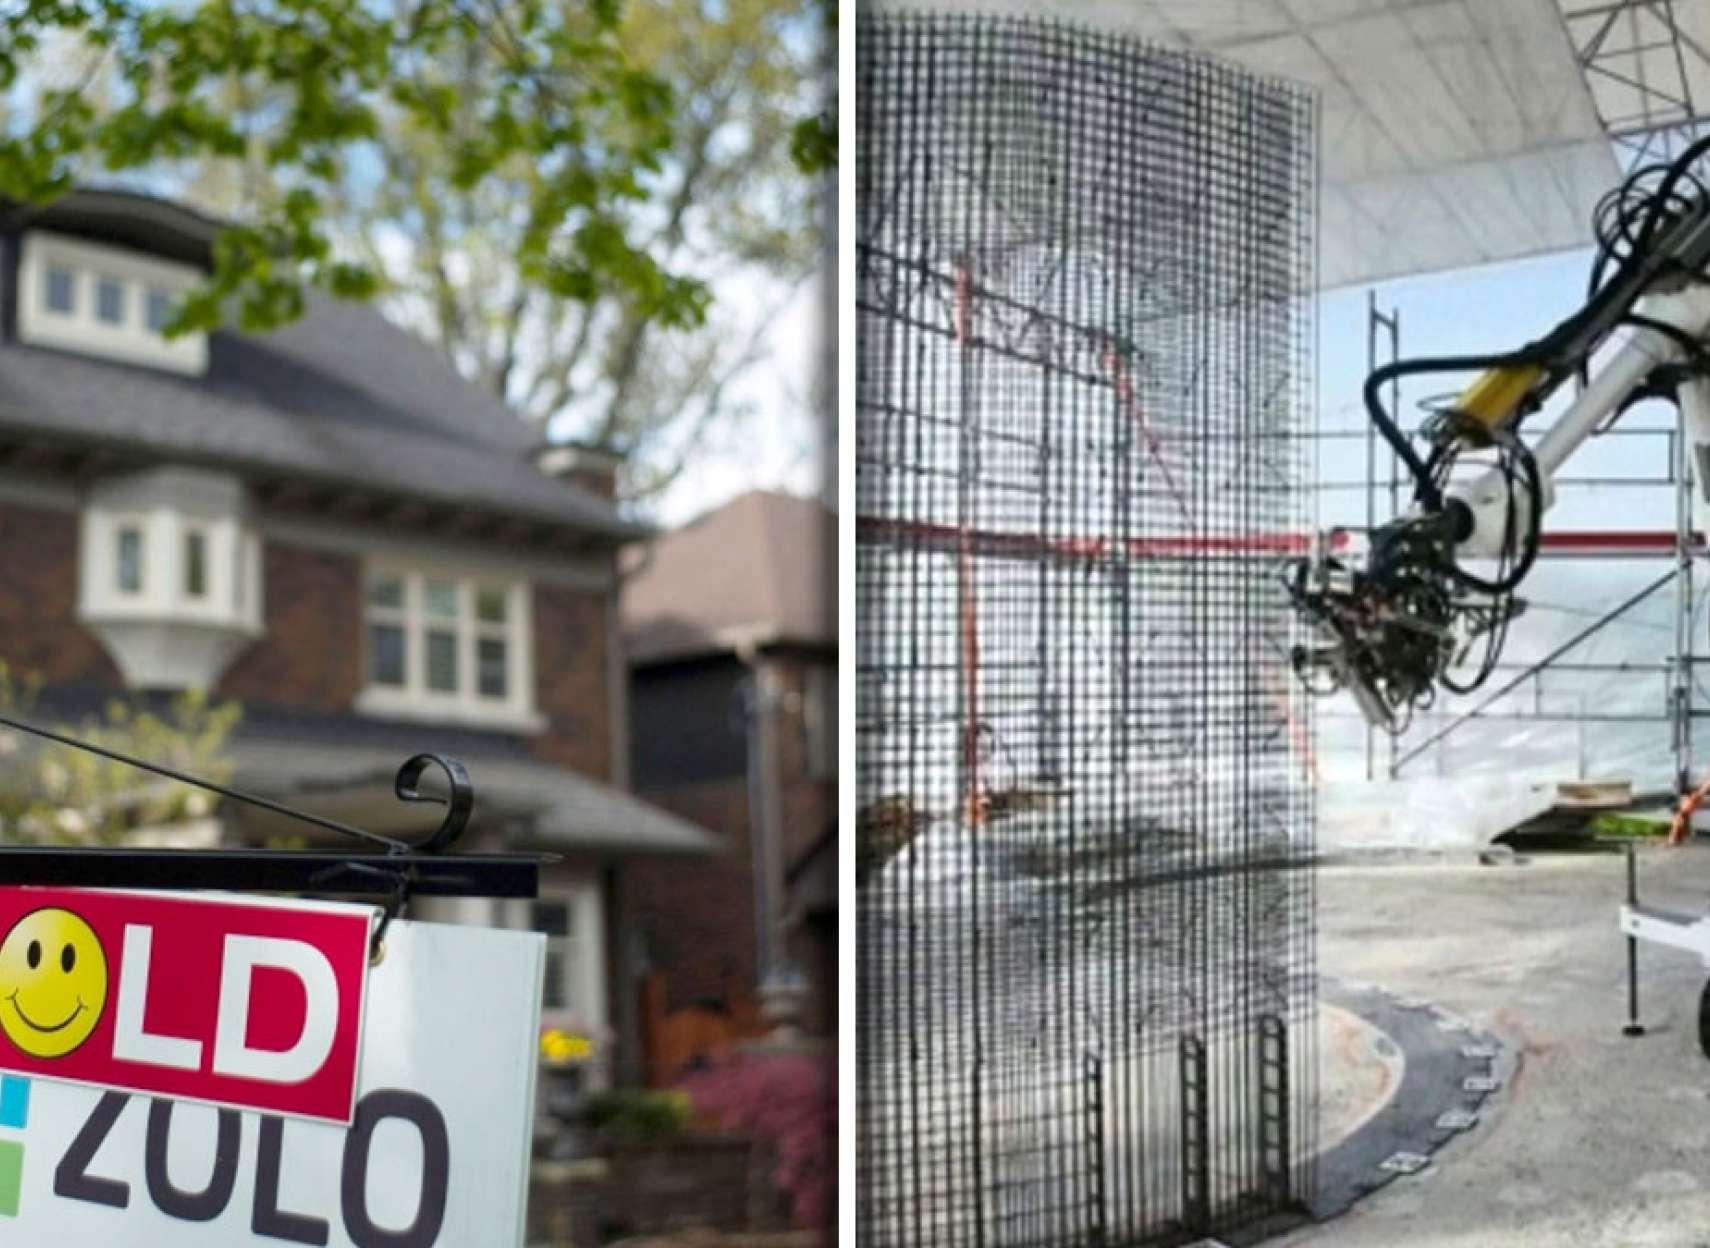 اخبار-تورنتو-روبات-های-ساختمان-ساز-در-راه-بازار-املاک-تکنیک-جدید-مشاورین-املاک-خانه-یک-دلار